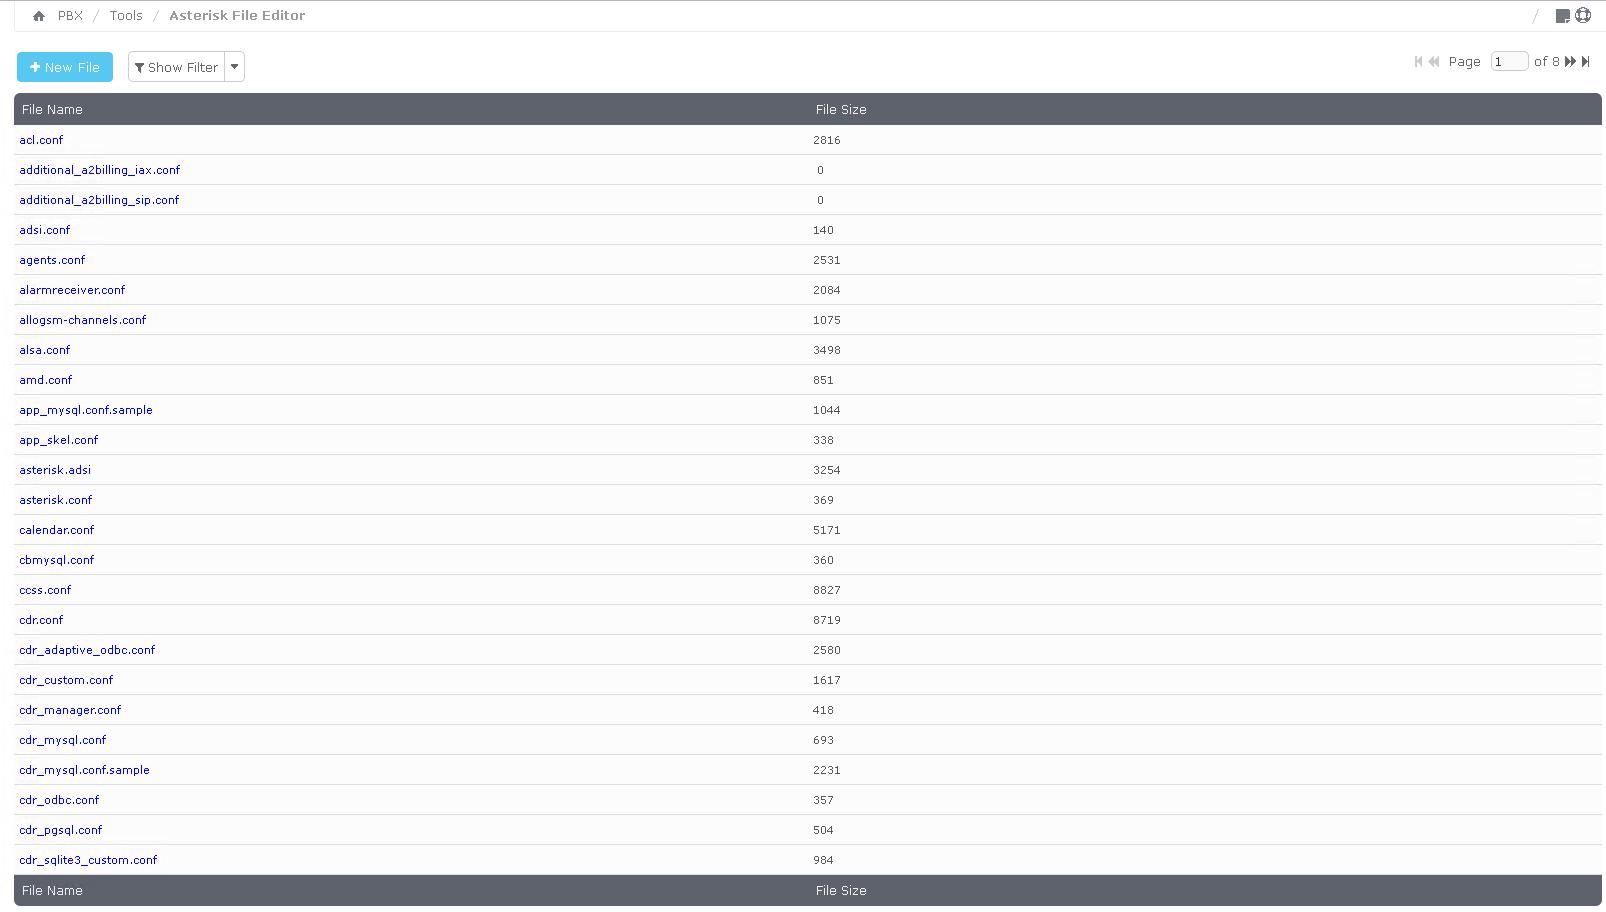 Функционал Asterisk File Editor в модуле Tools в Elastix 4